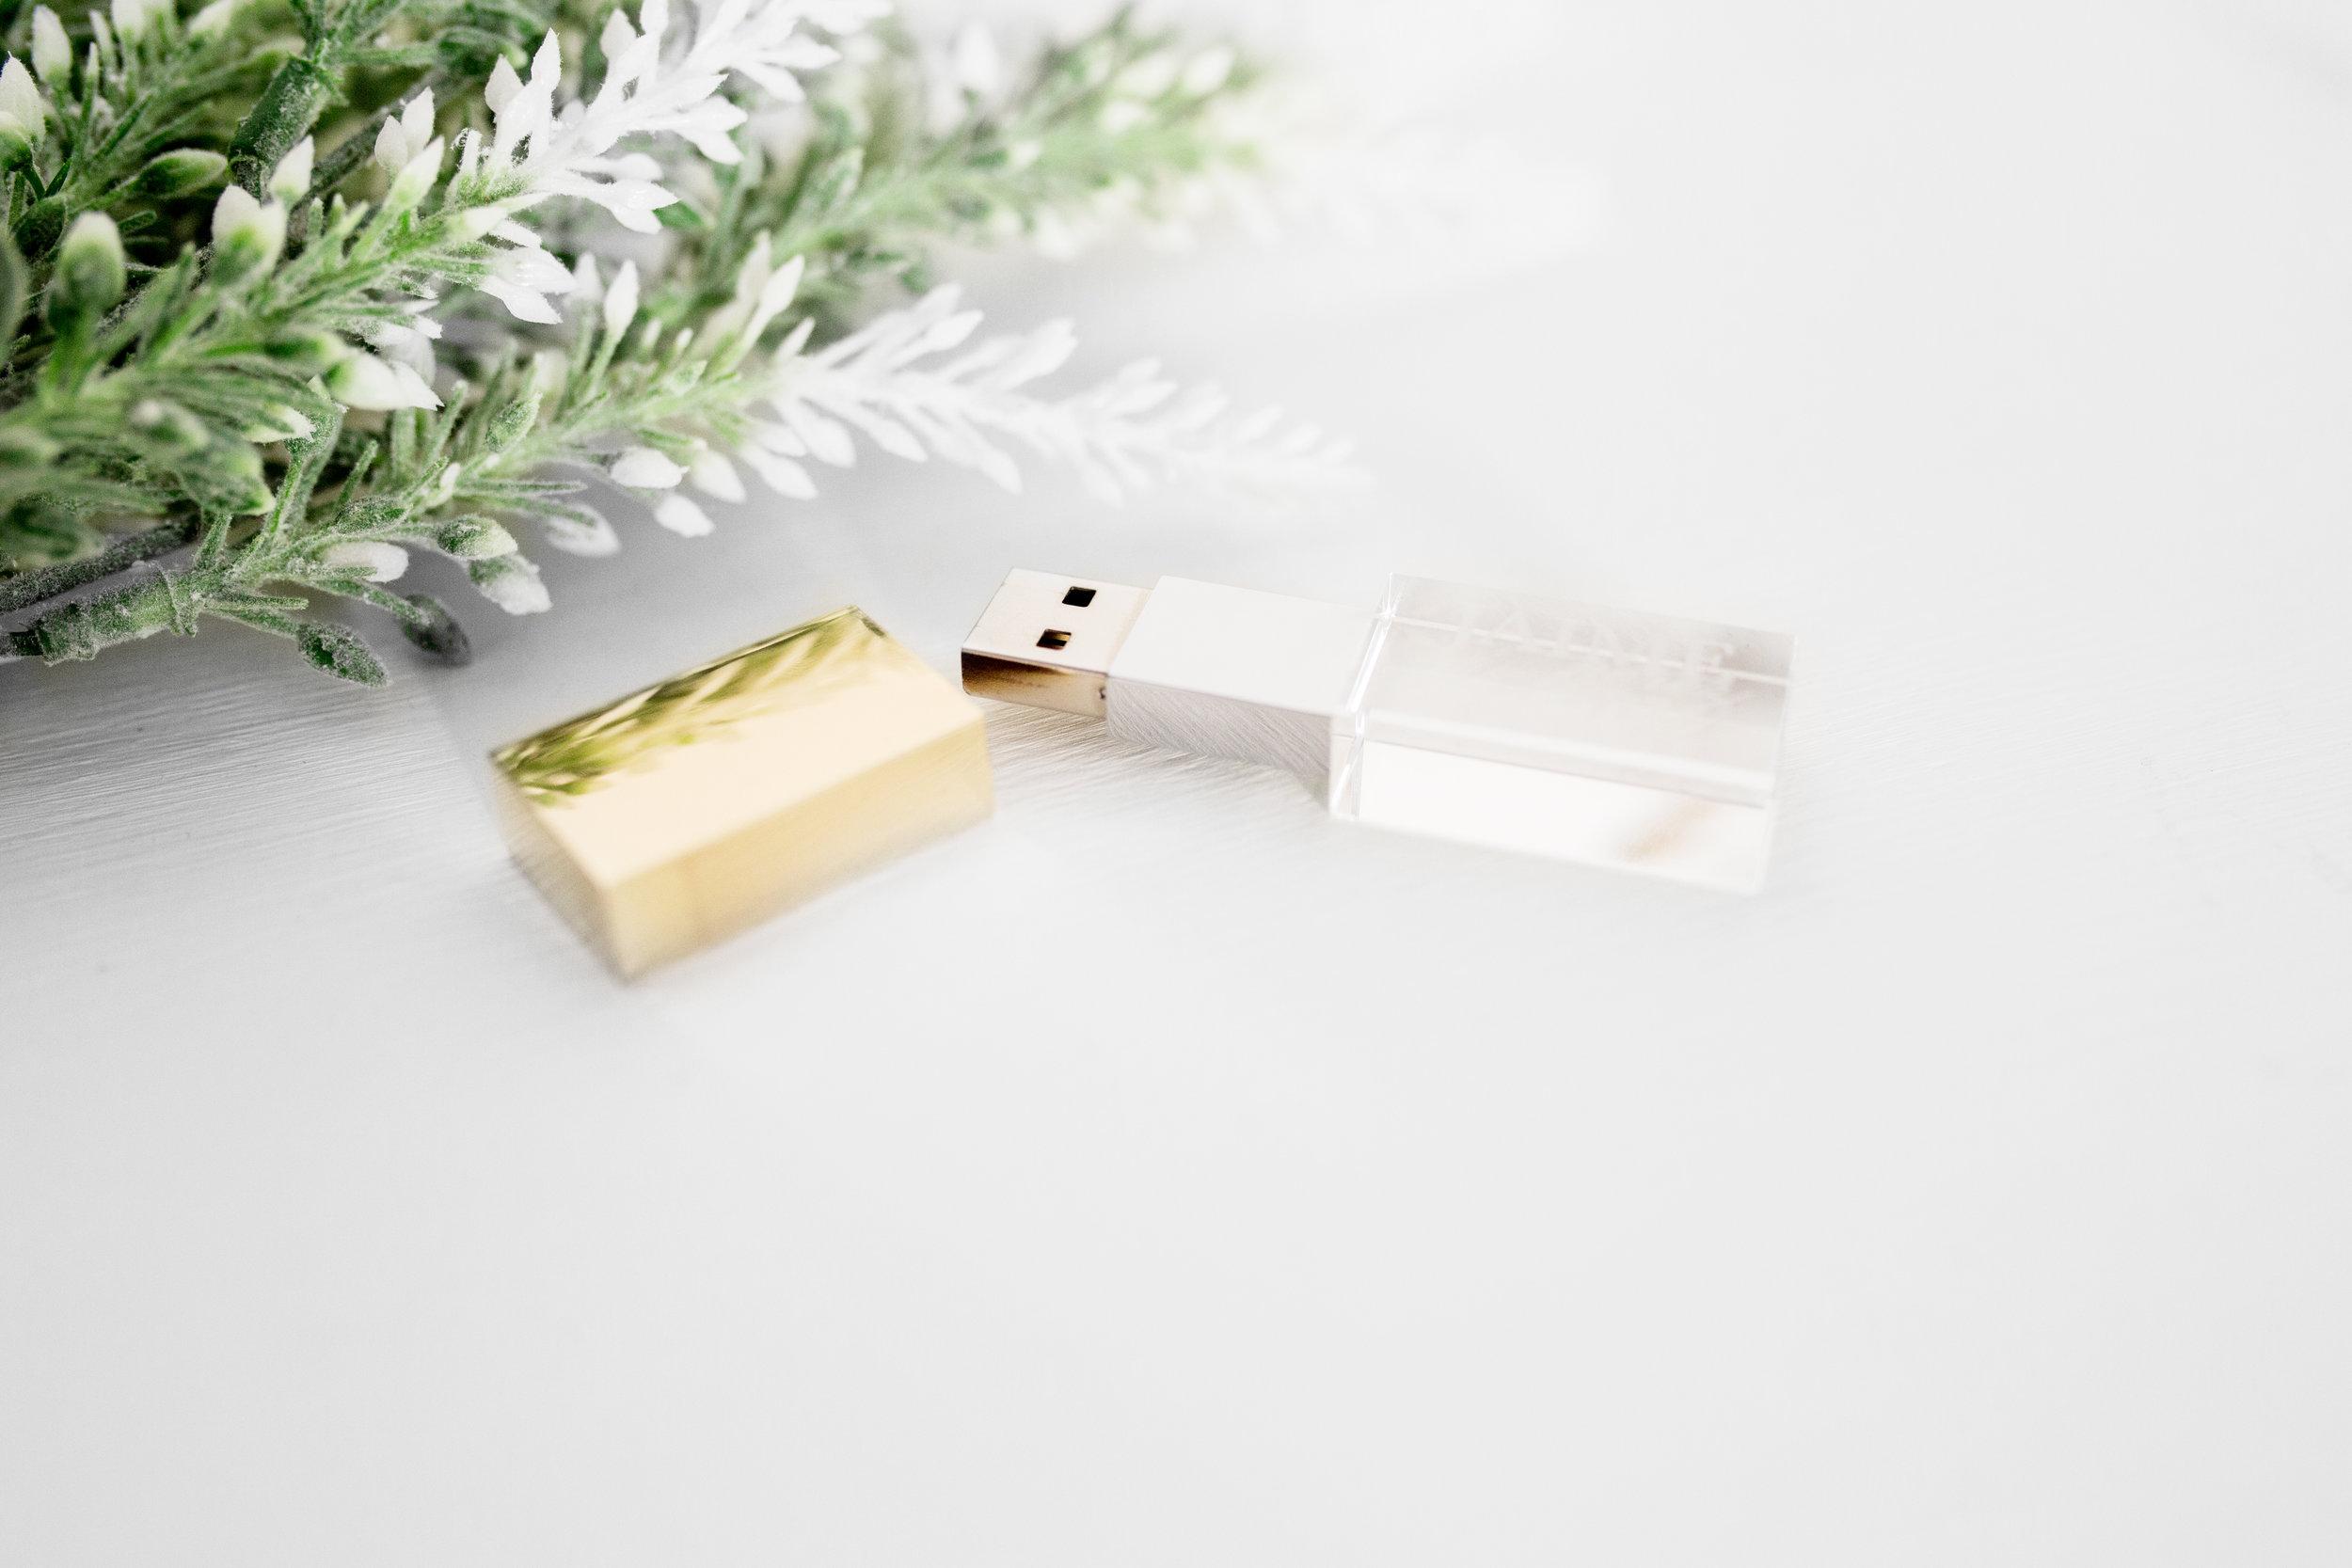 USB_01.jpg